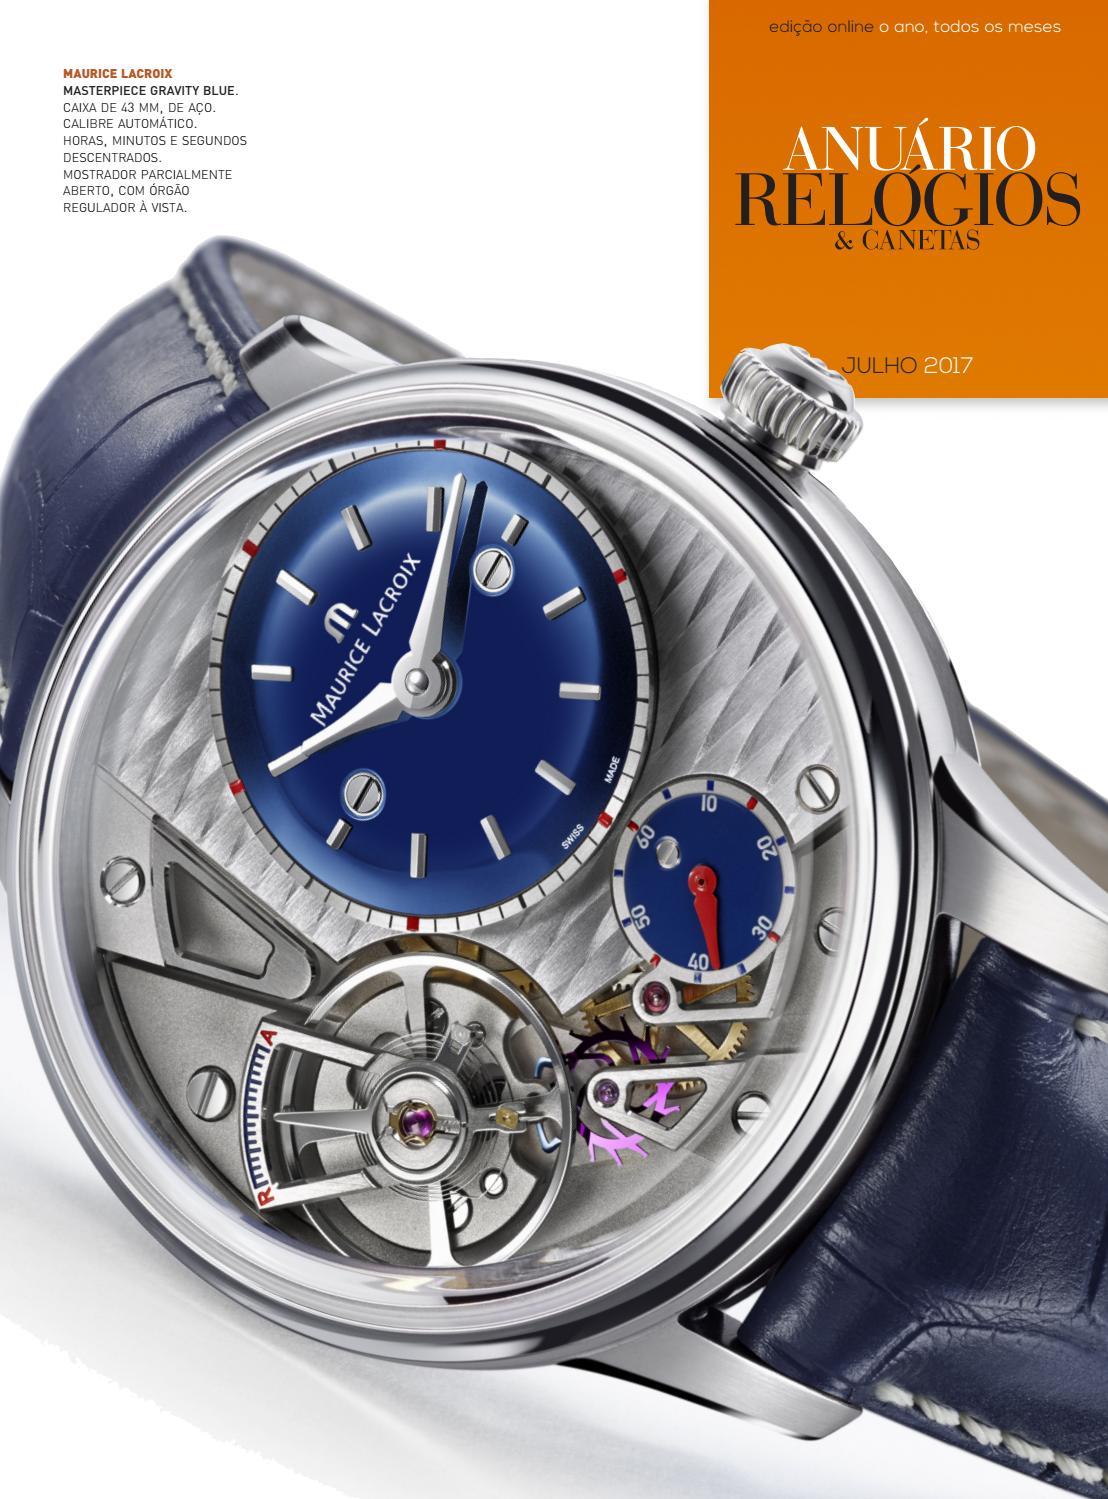 ea61e608047 Anuário Relógios   Canetas - Julho 2017 by Anuário Relógios   Canetas -  issuu